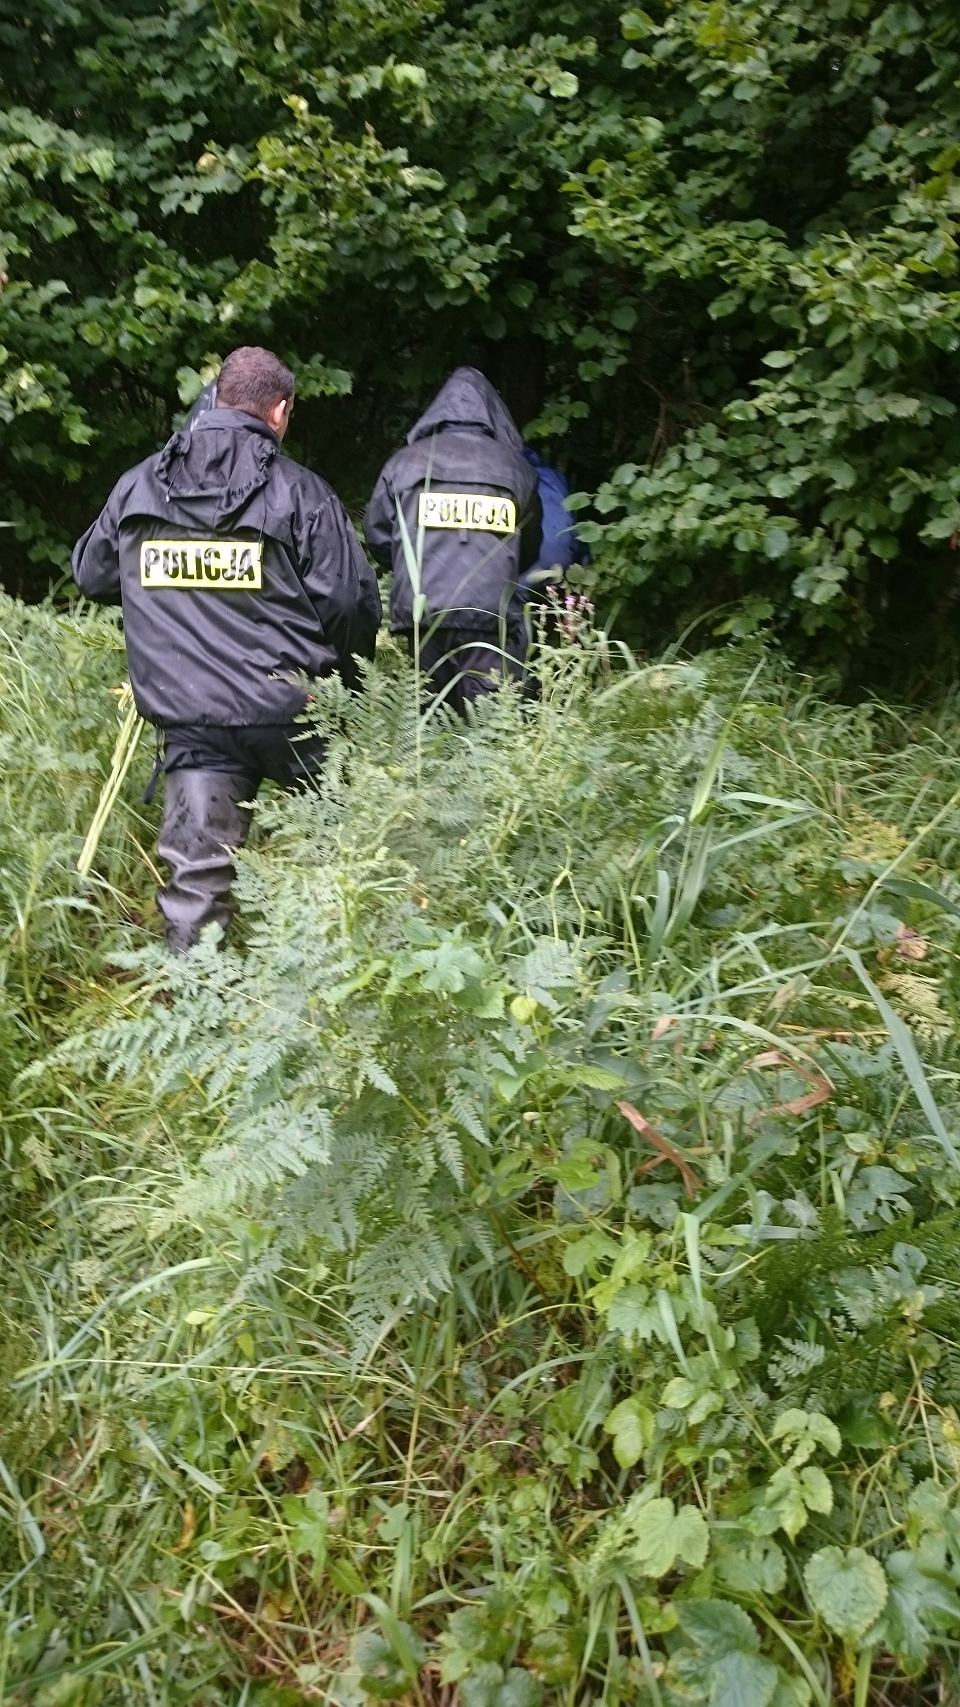 Plantacja Marihuany W Lesie Pod Ostródą Była Dobrze Ukryta